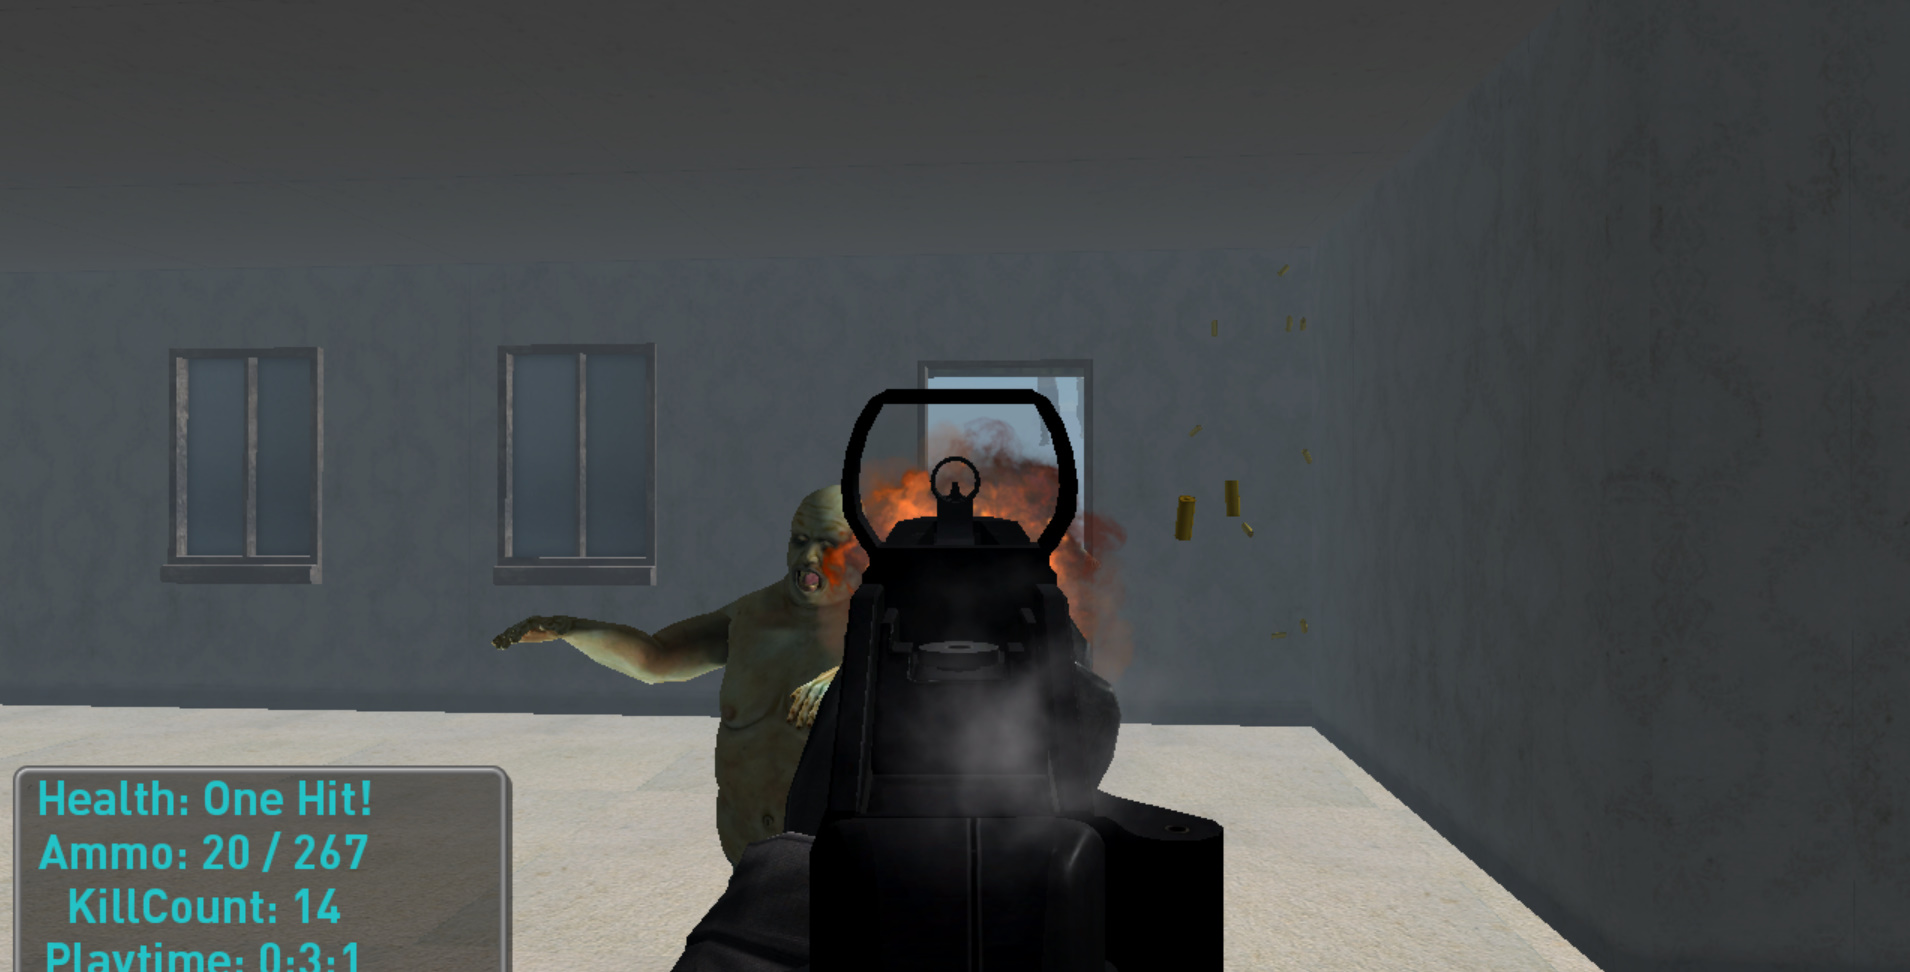 com.steam.857700-screenshot